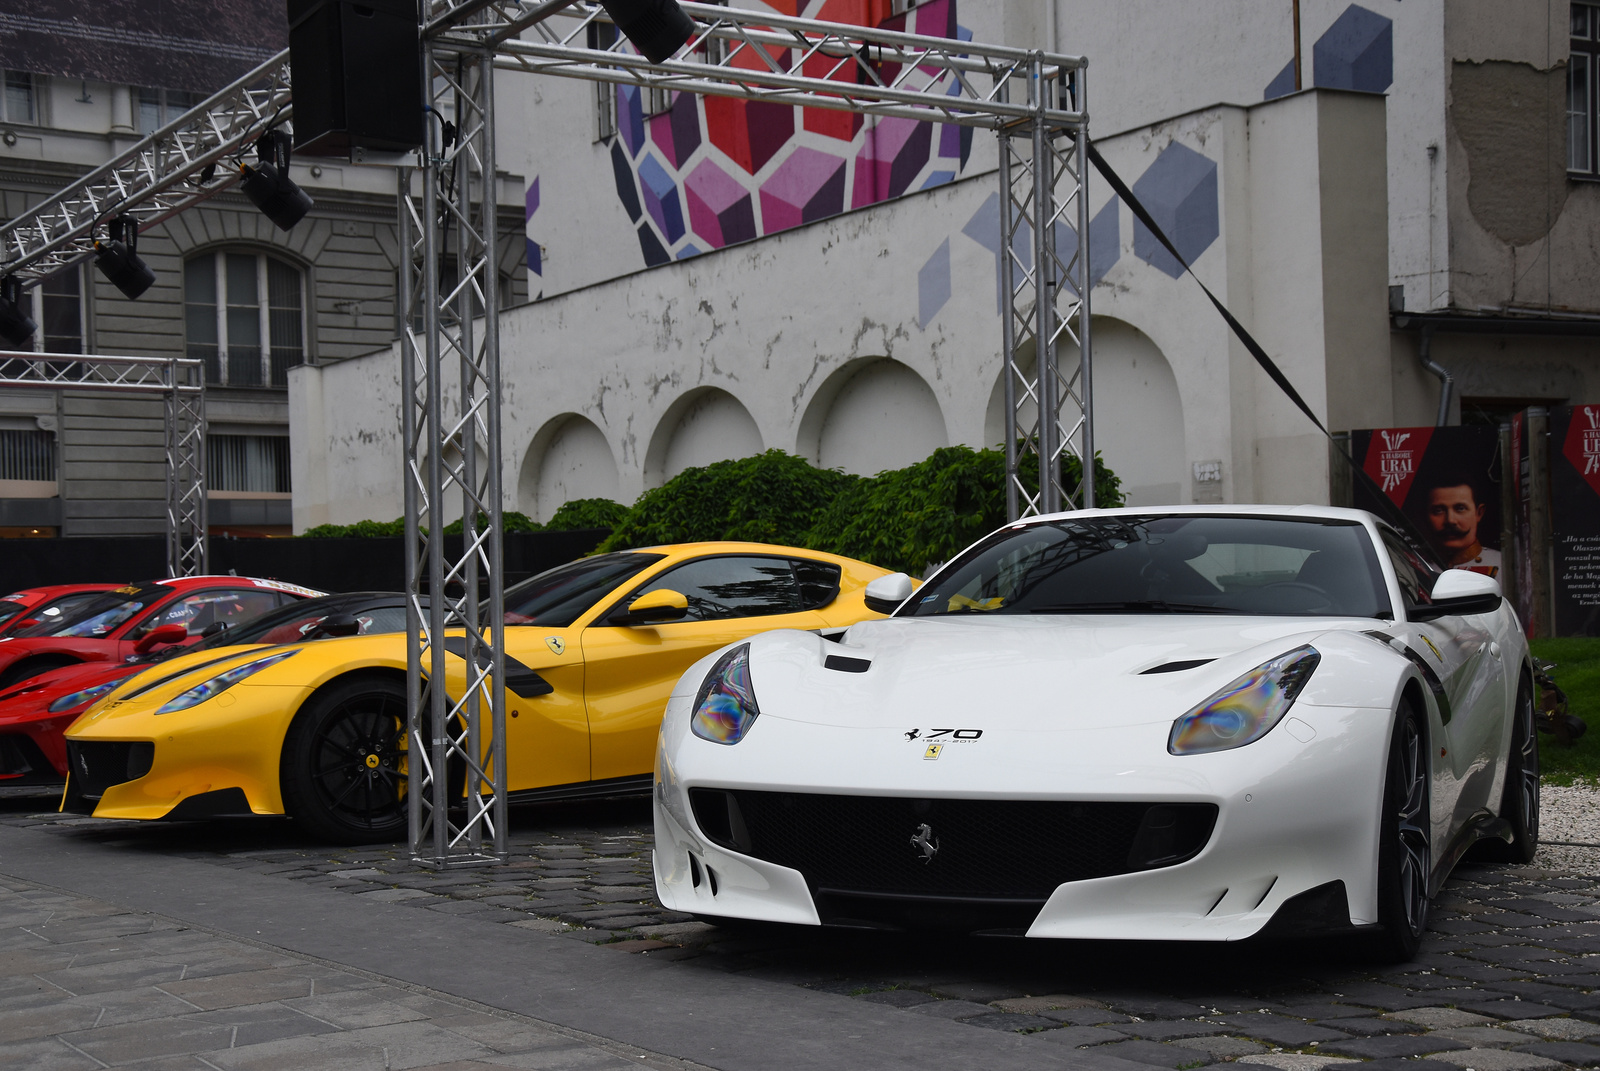 Ferrari F12tdf - Ferrari F12tdf